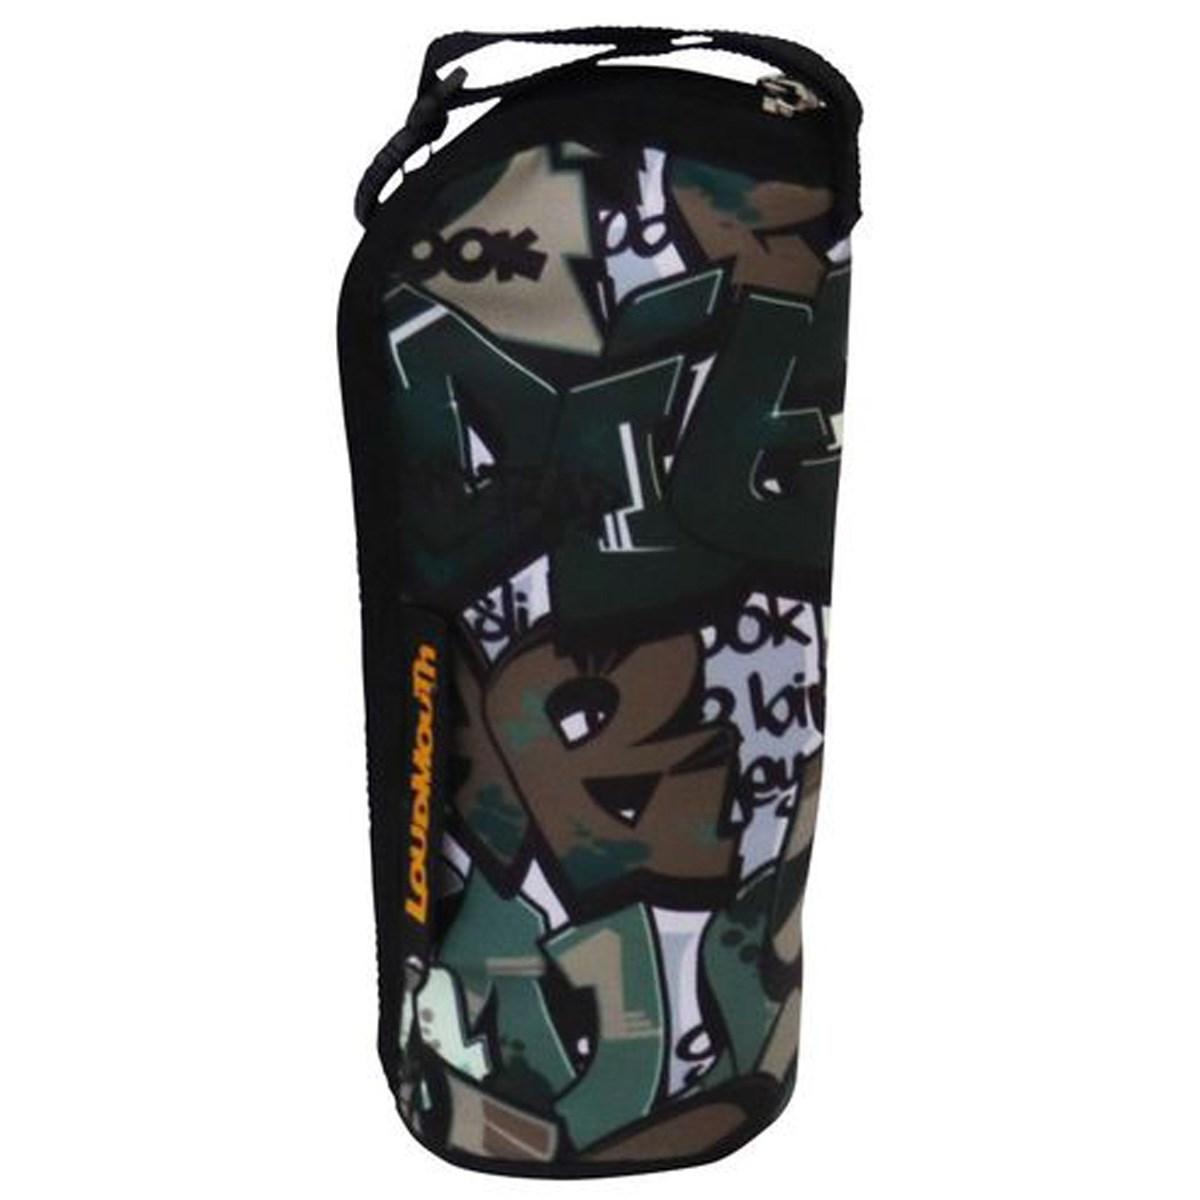 ラウドマウスゴルフ(LOUDMLOUTH) ボトルケース タグスカモ